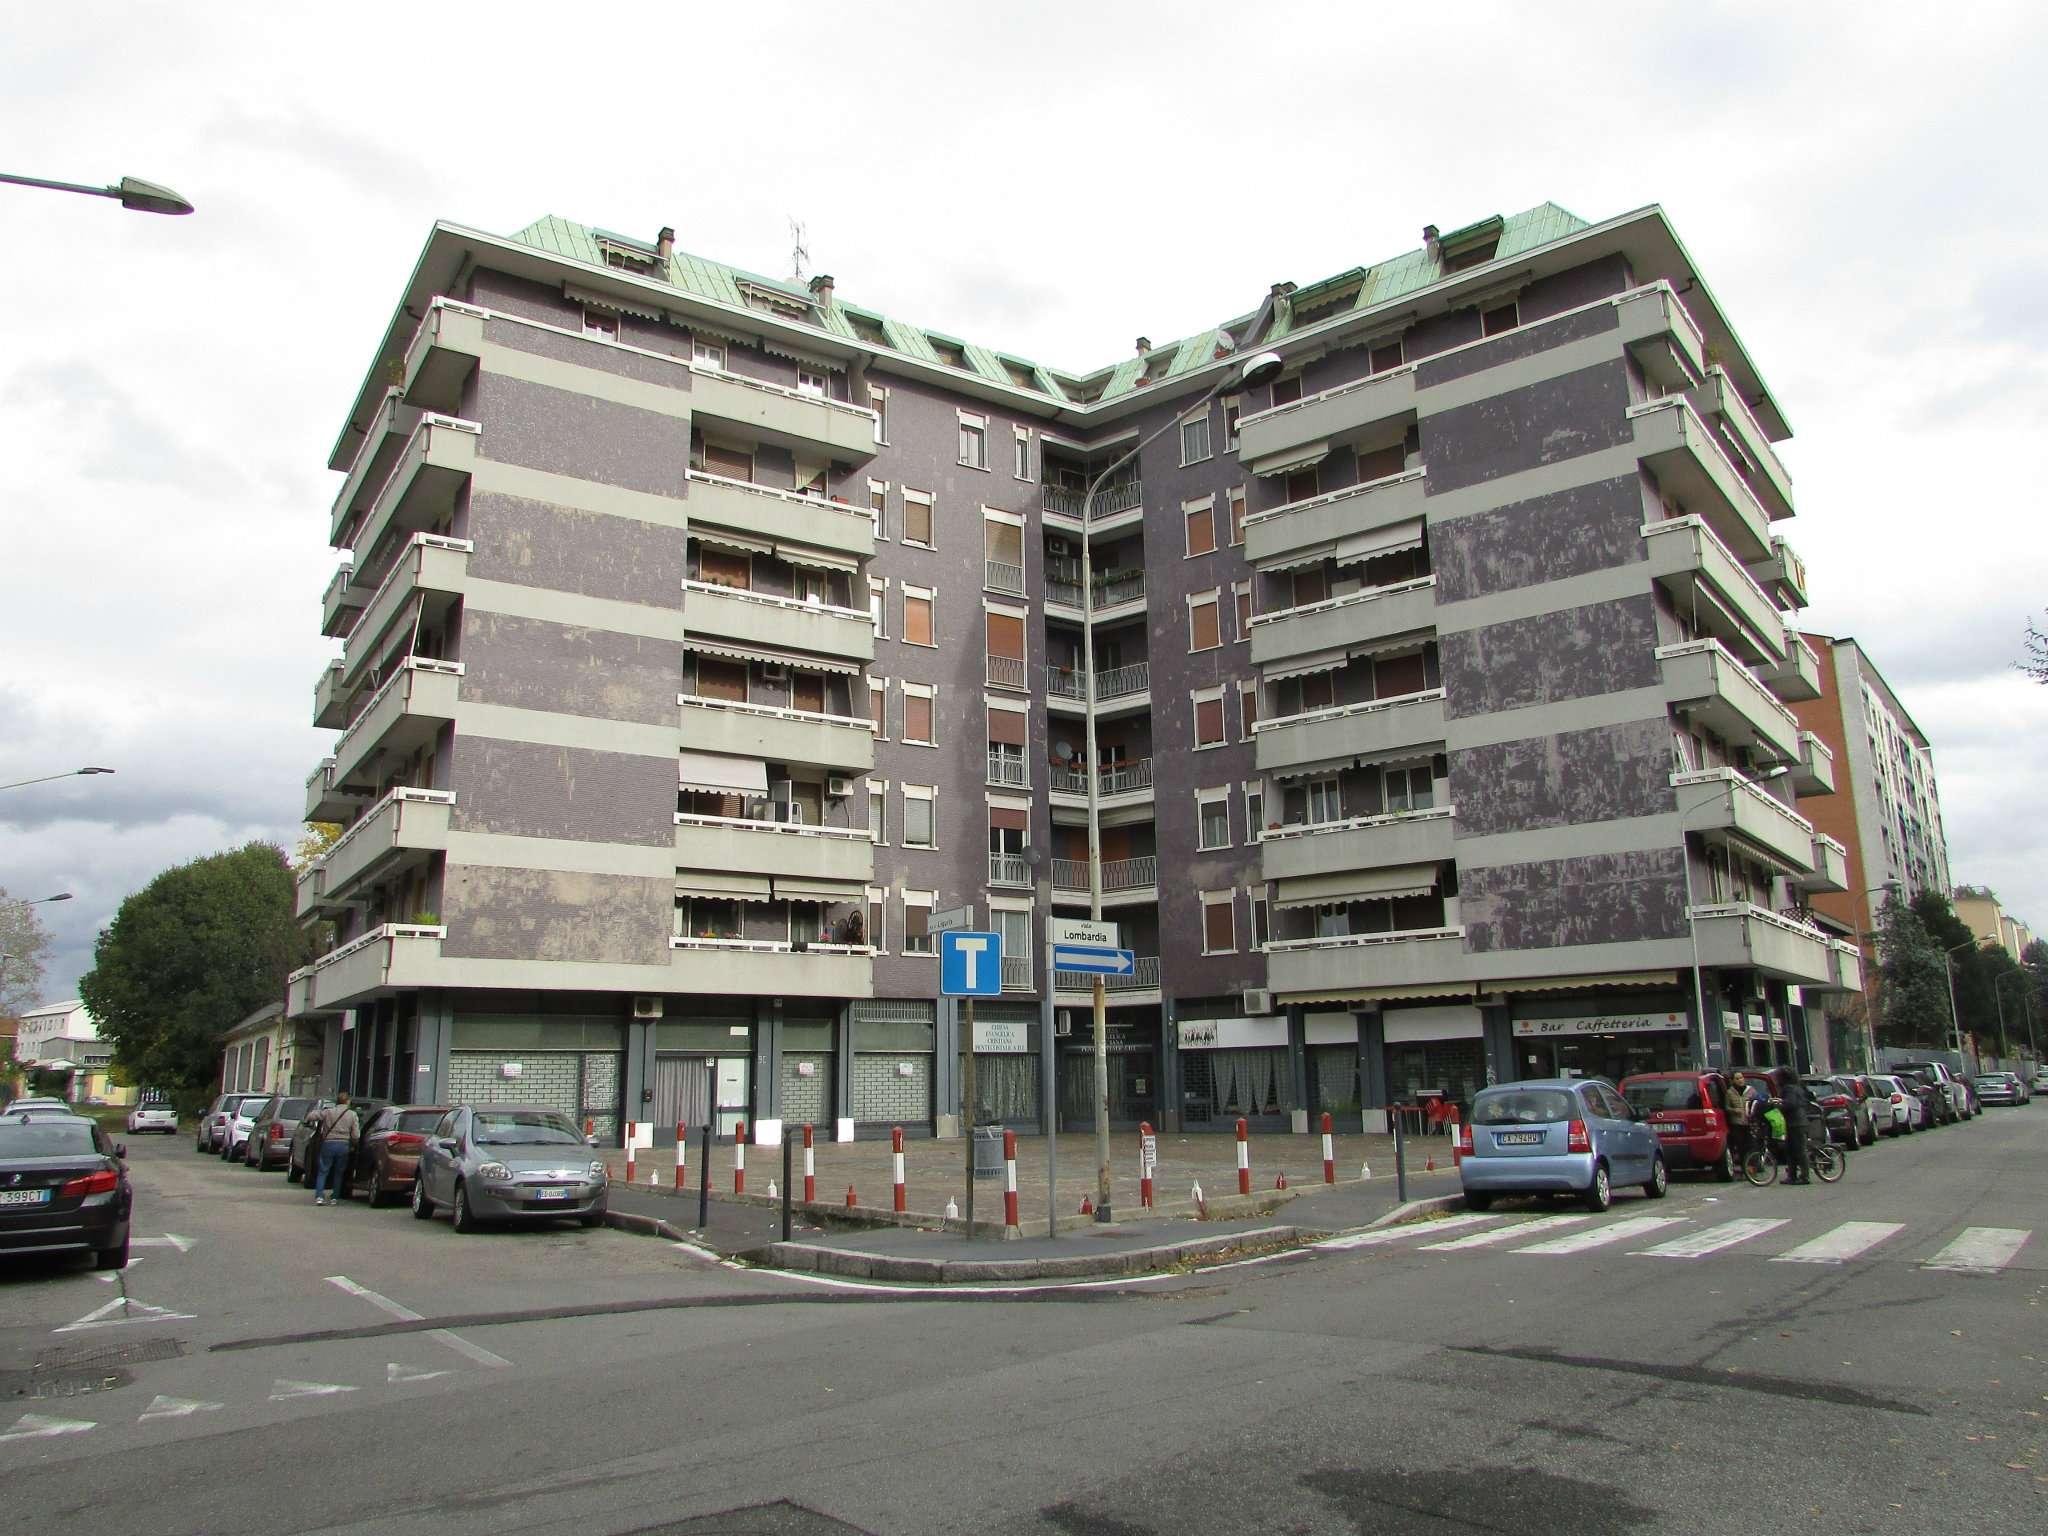 Negozio / Locale in affitto a Cinisello Balsamo, 9999 locali, prezzo € 830   CambioCasa.it